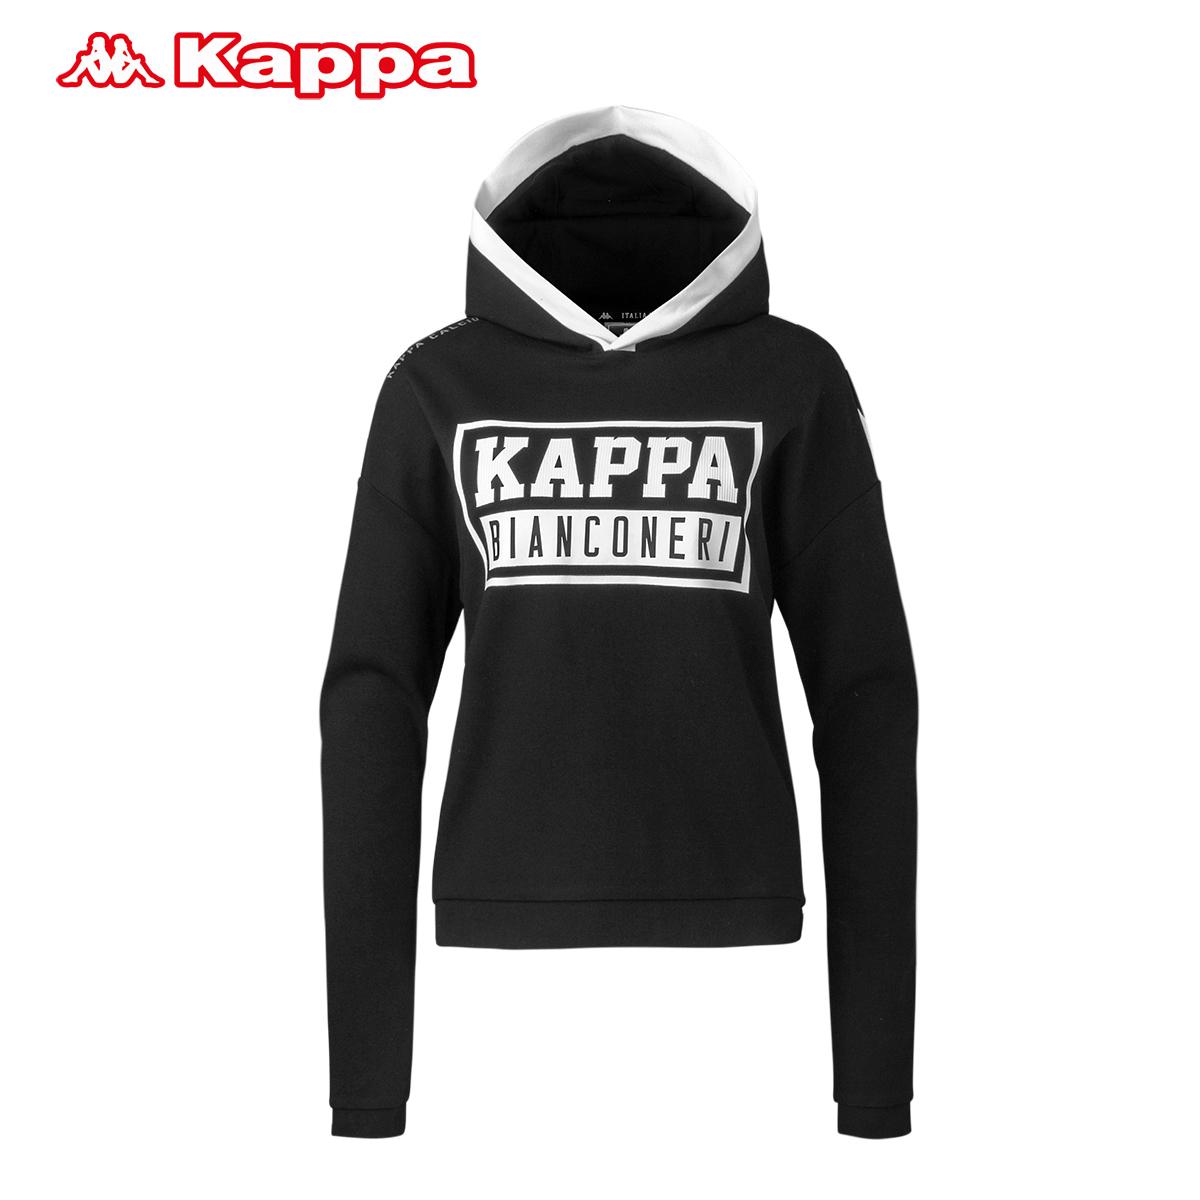 背靠背Kappa卡帕女子卫衣 休闲套头帽衫外套上衣运动服 K0622MT30